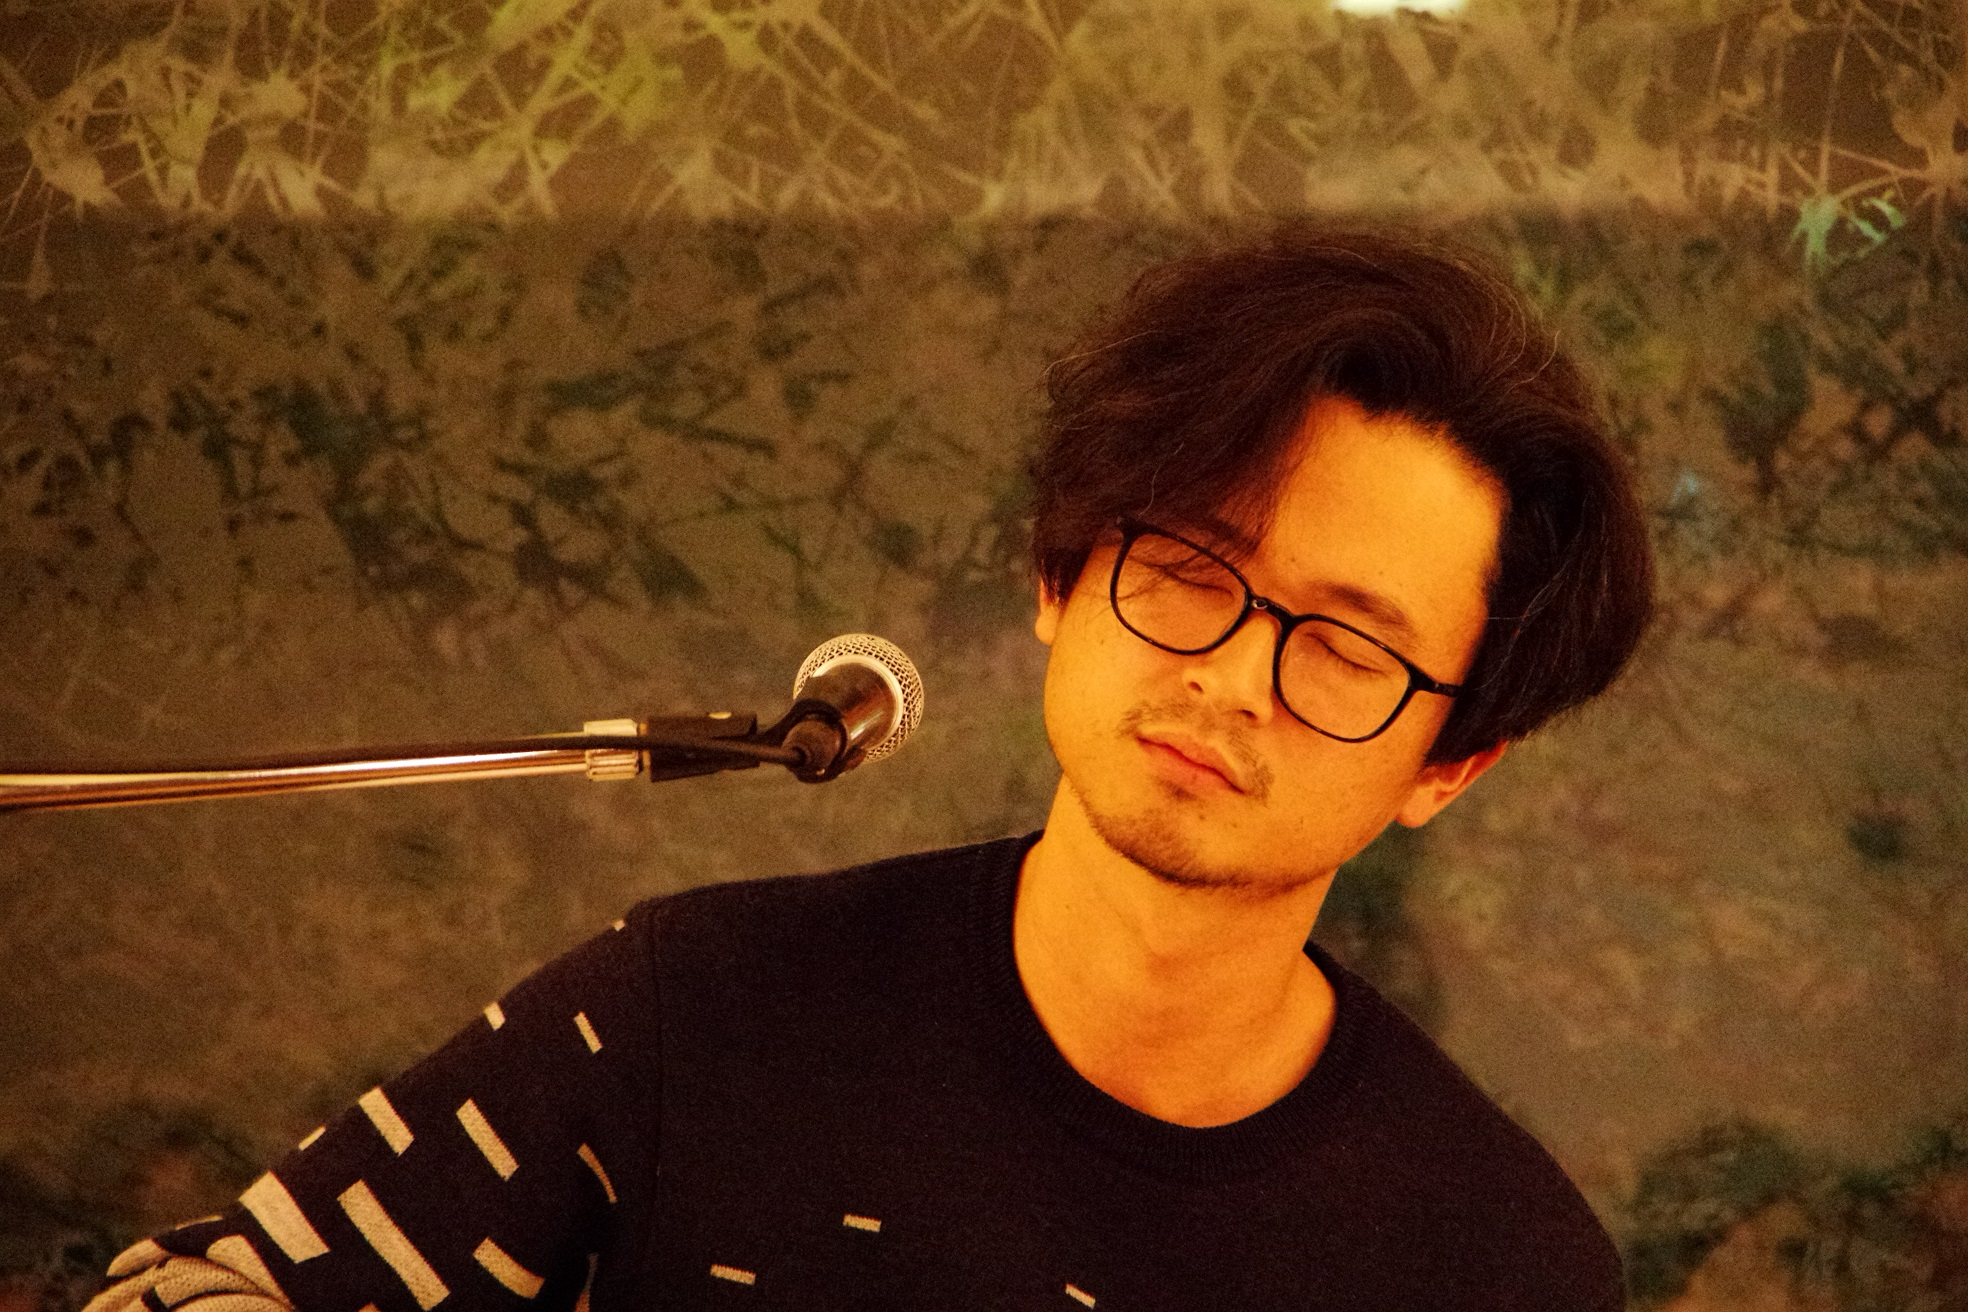 ギタリスト・長岡亮介にインタビューして、メガネ男子萌えの私が燃えたw